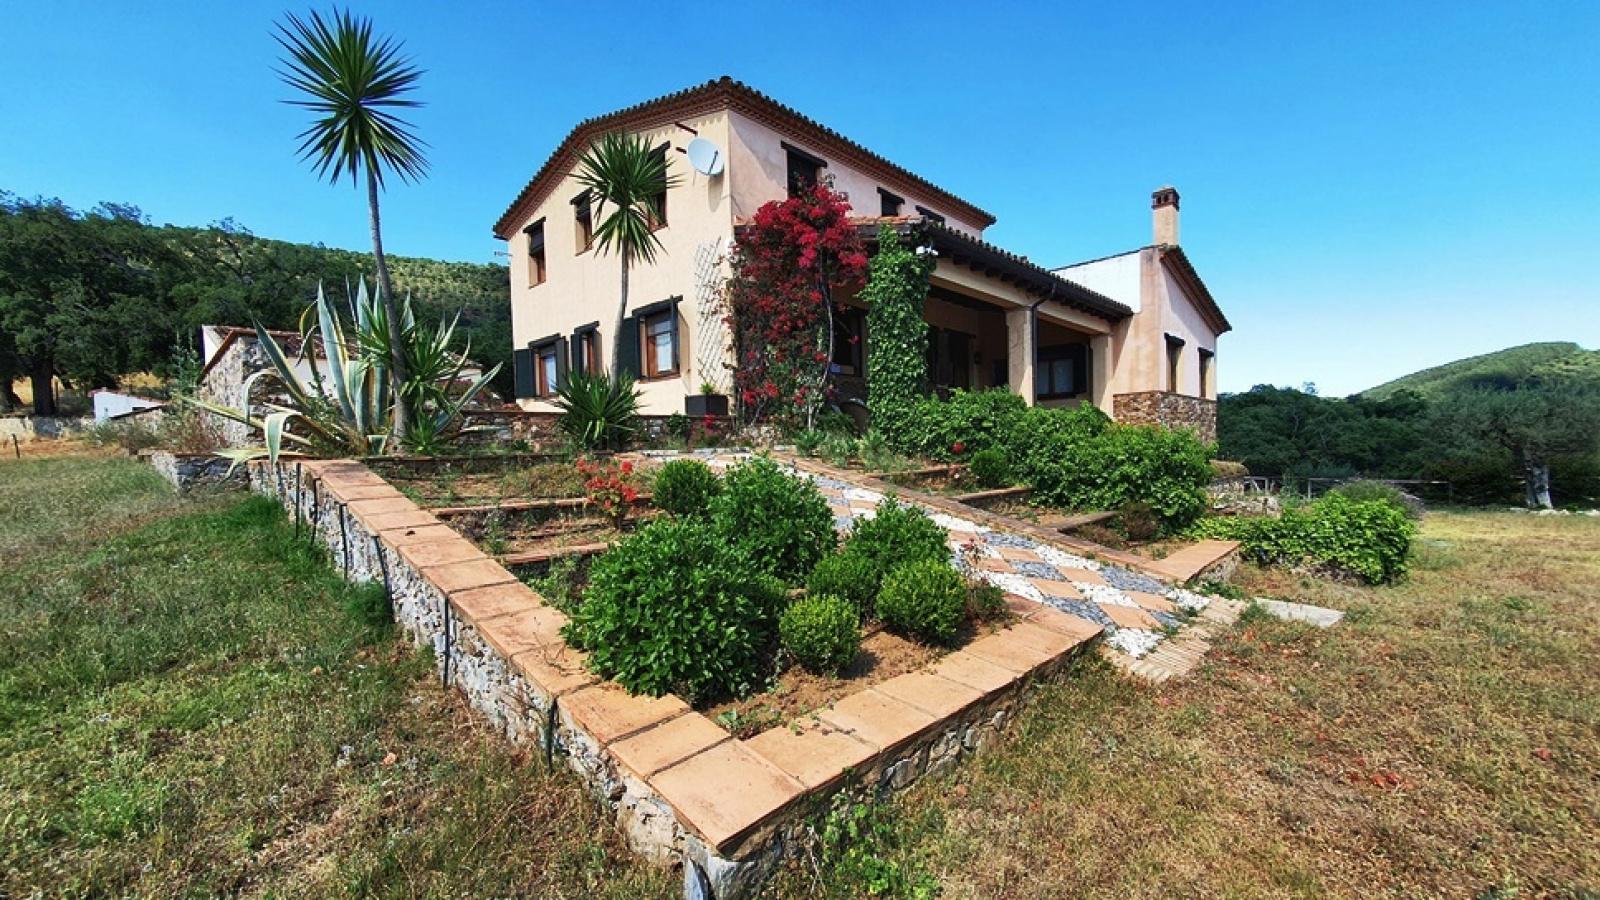 Spektakuläre Finca mit Bauernhaus im Herzen des Naturparks